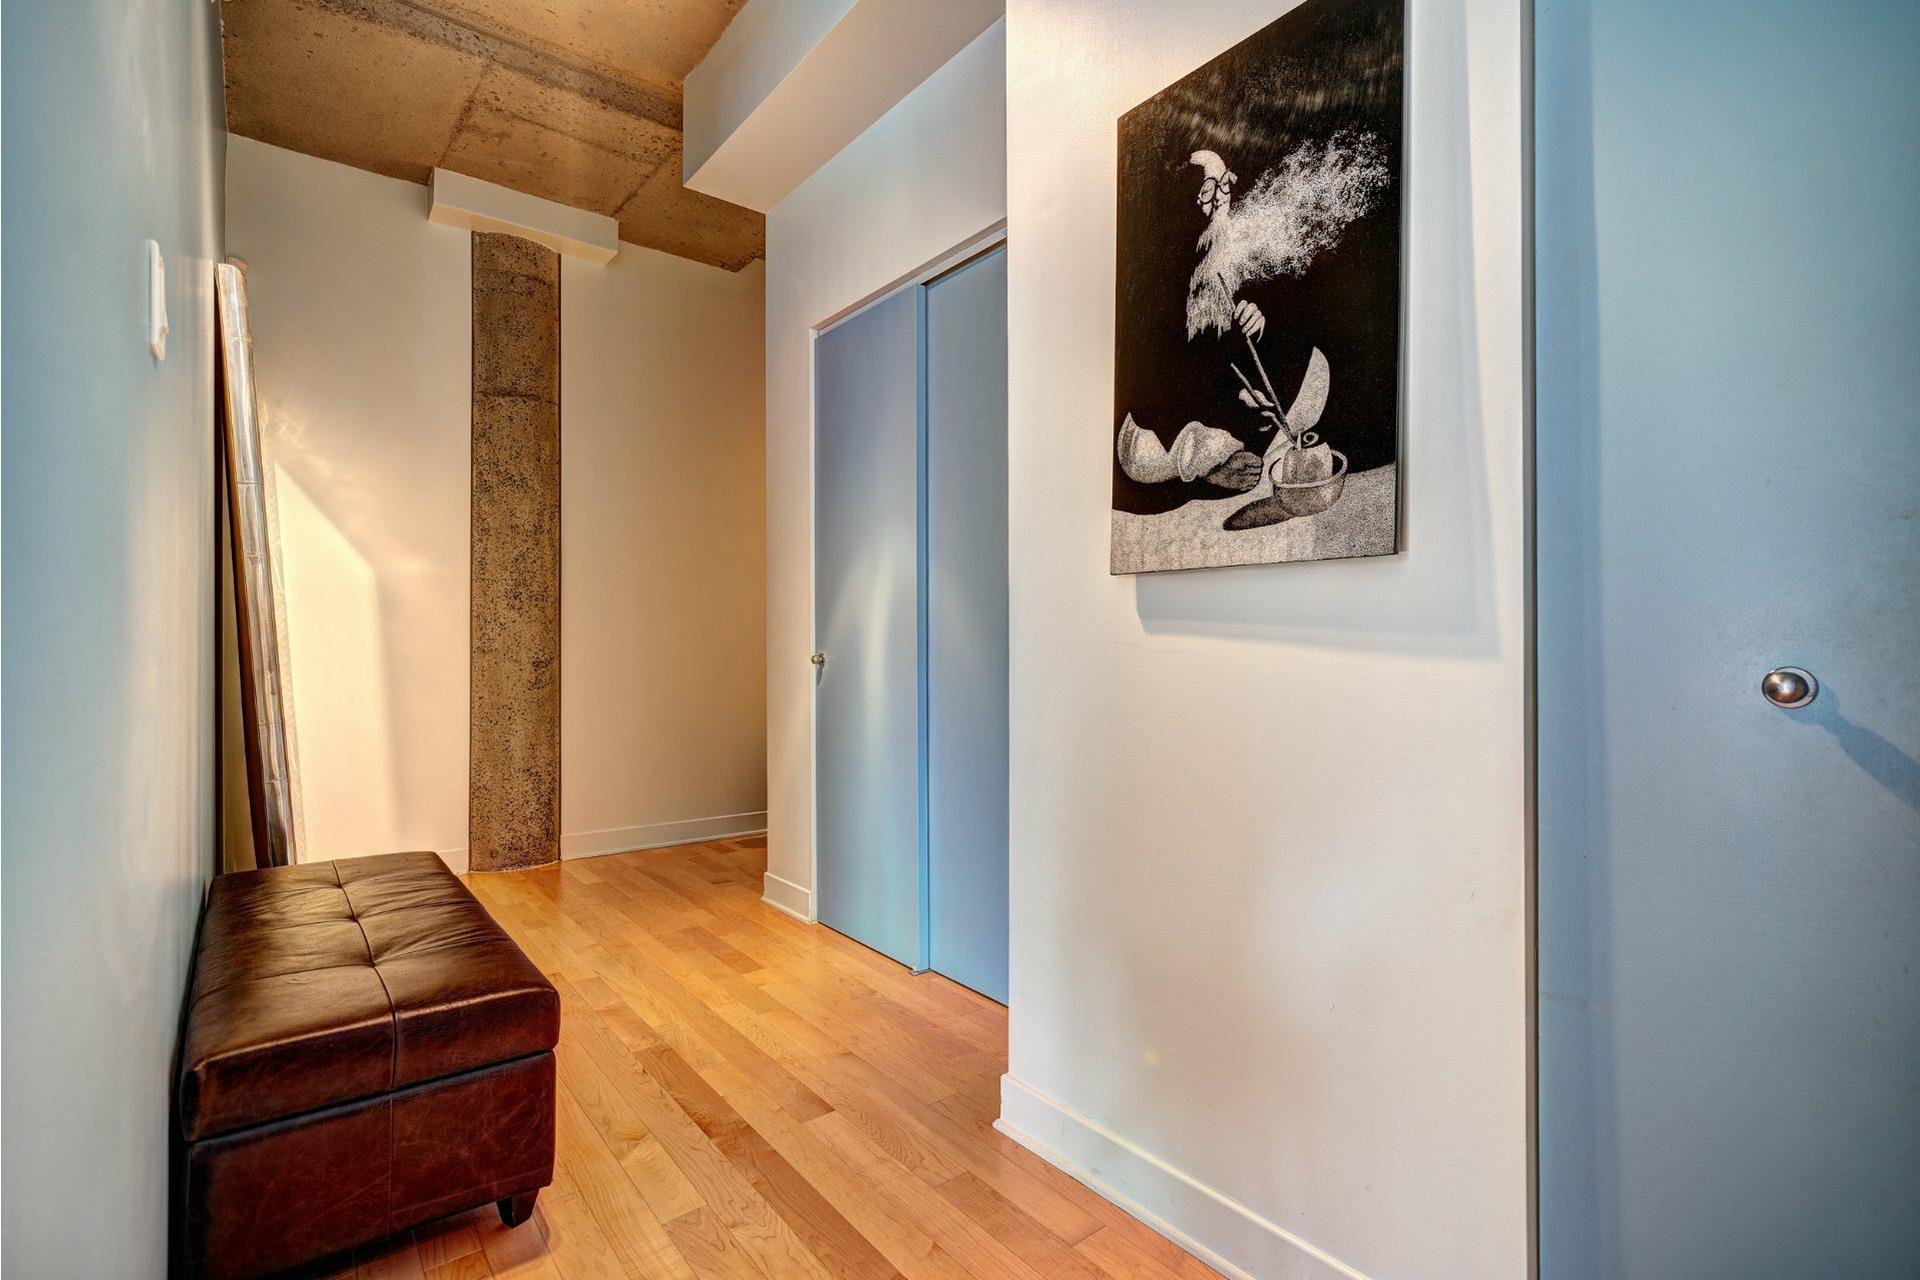 image 8 - Appartement À louer Villeray/Saint-Michel/Parc-Extension Montréal  - 8 pièces